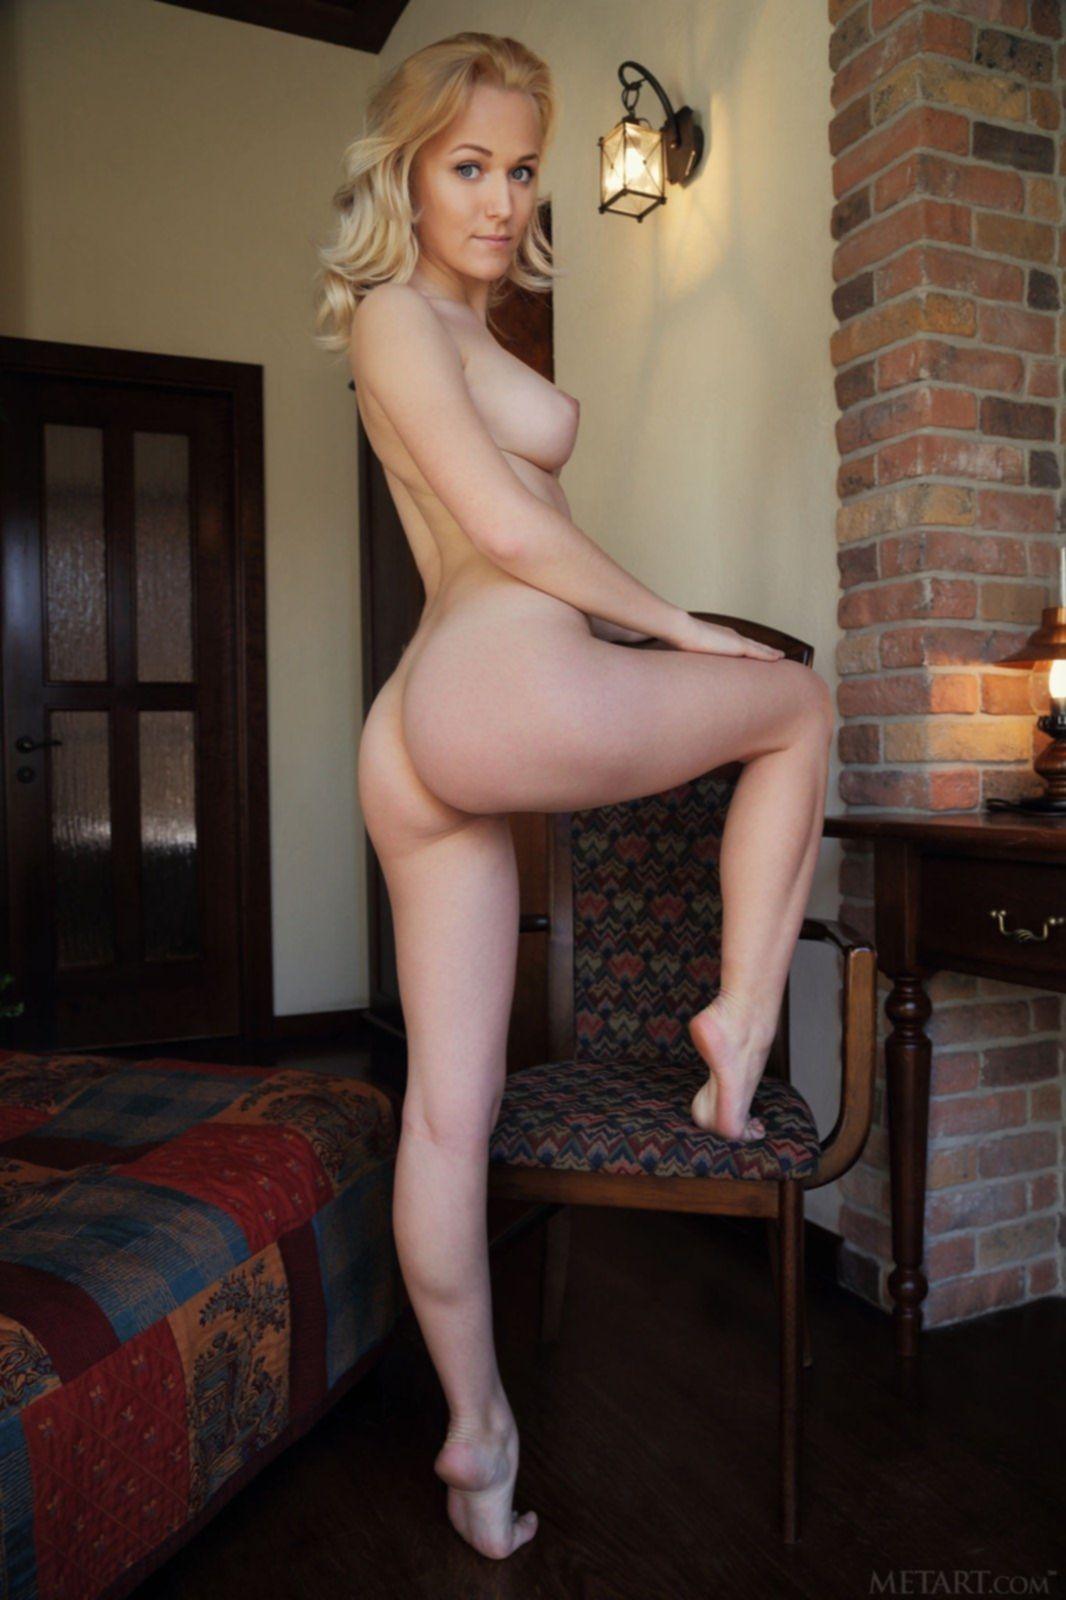 Блондинка с красивыми формами позирует голая - фото